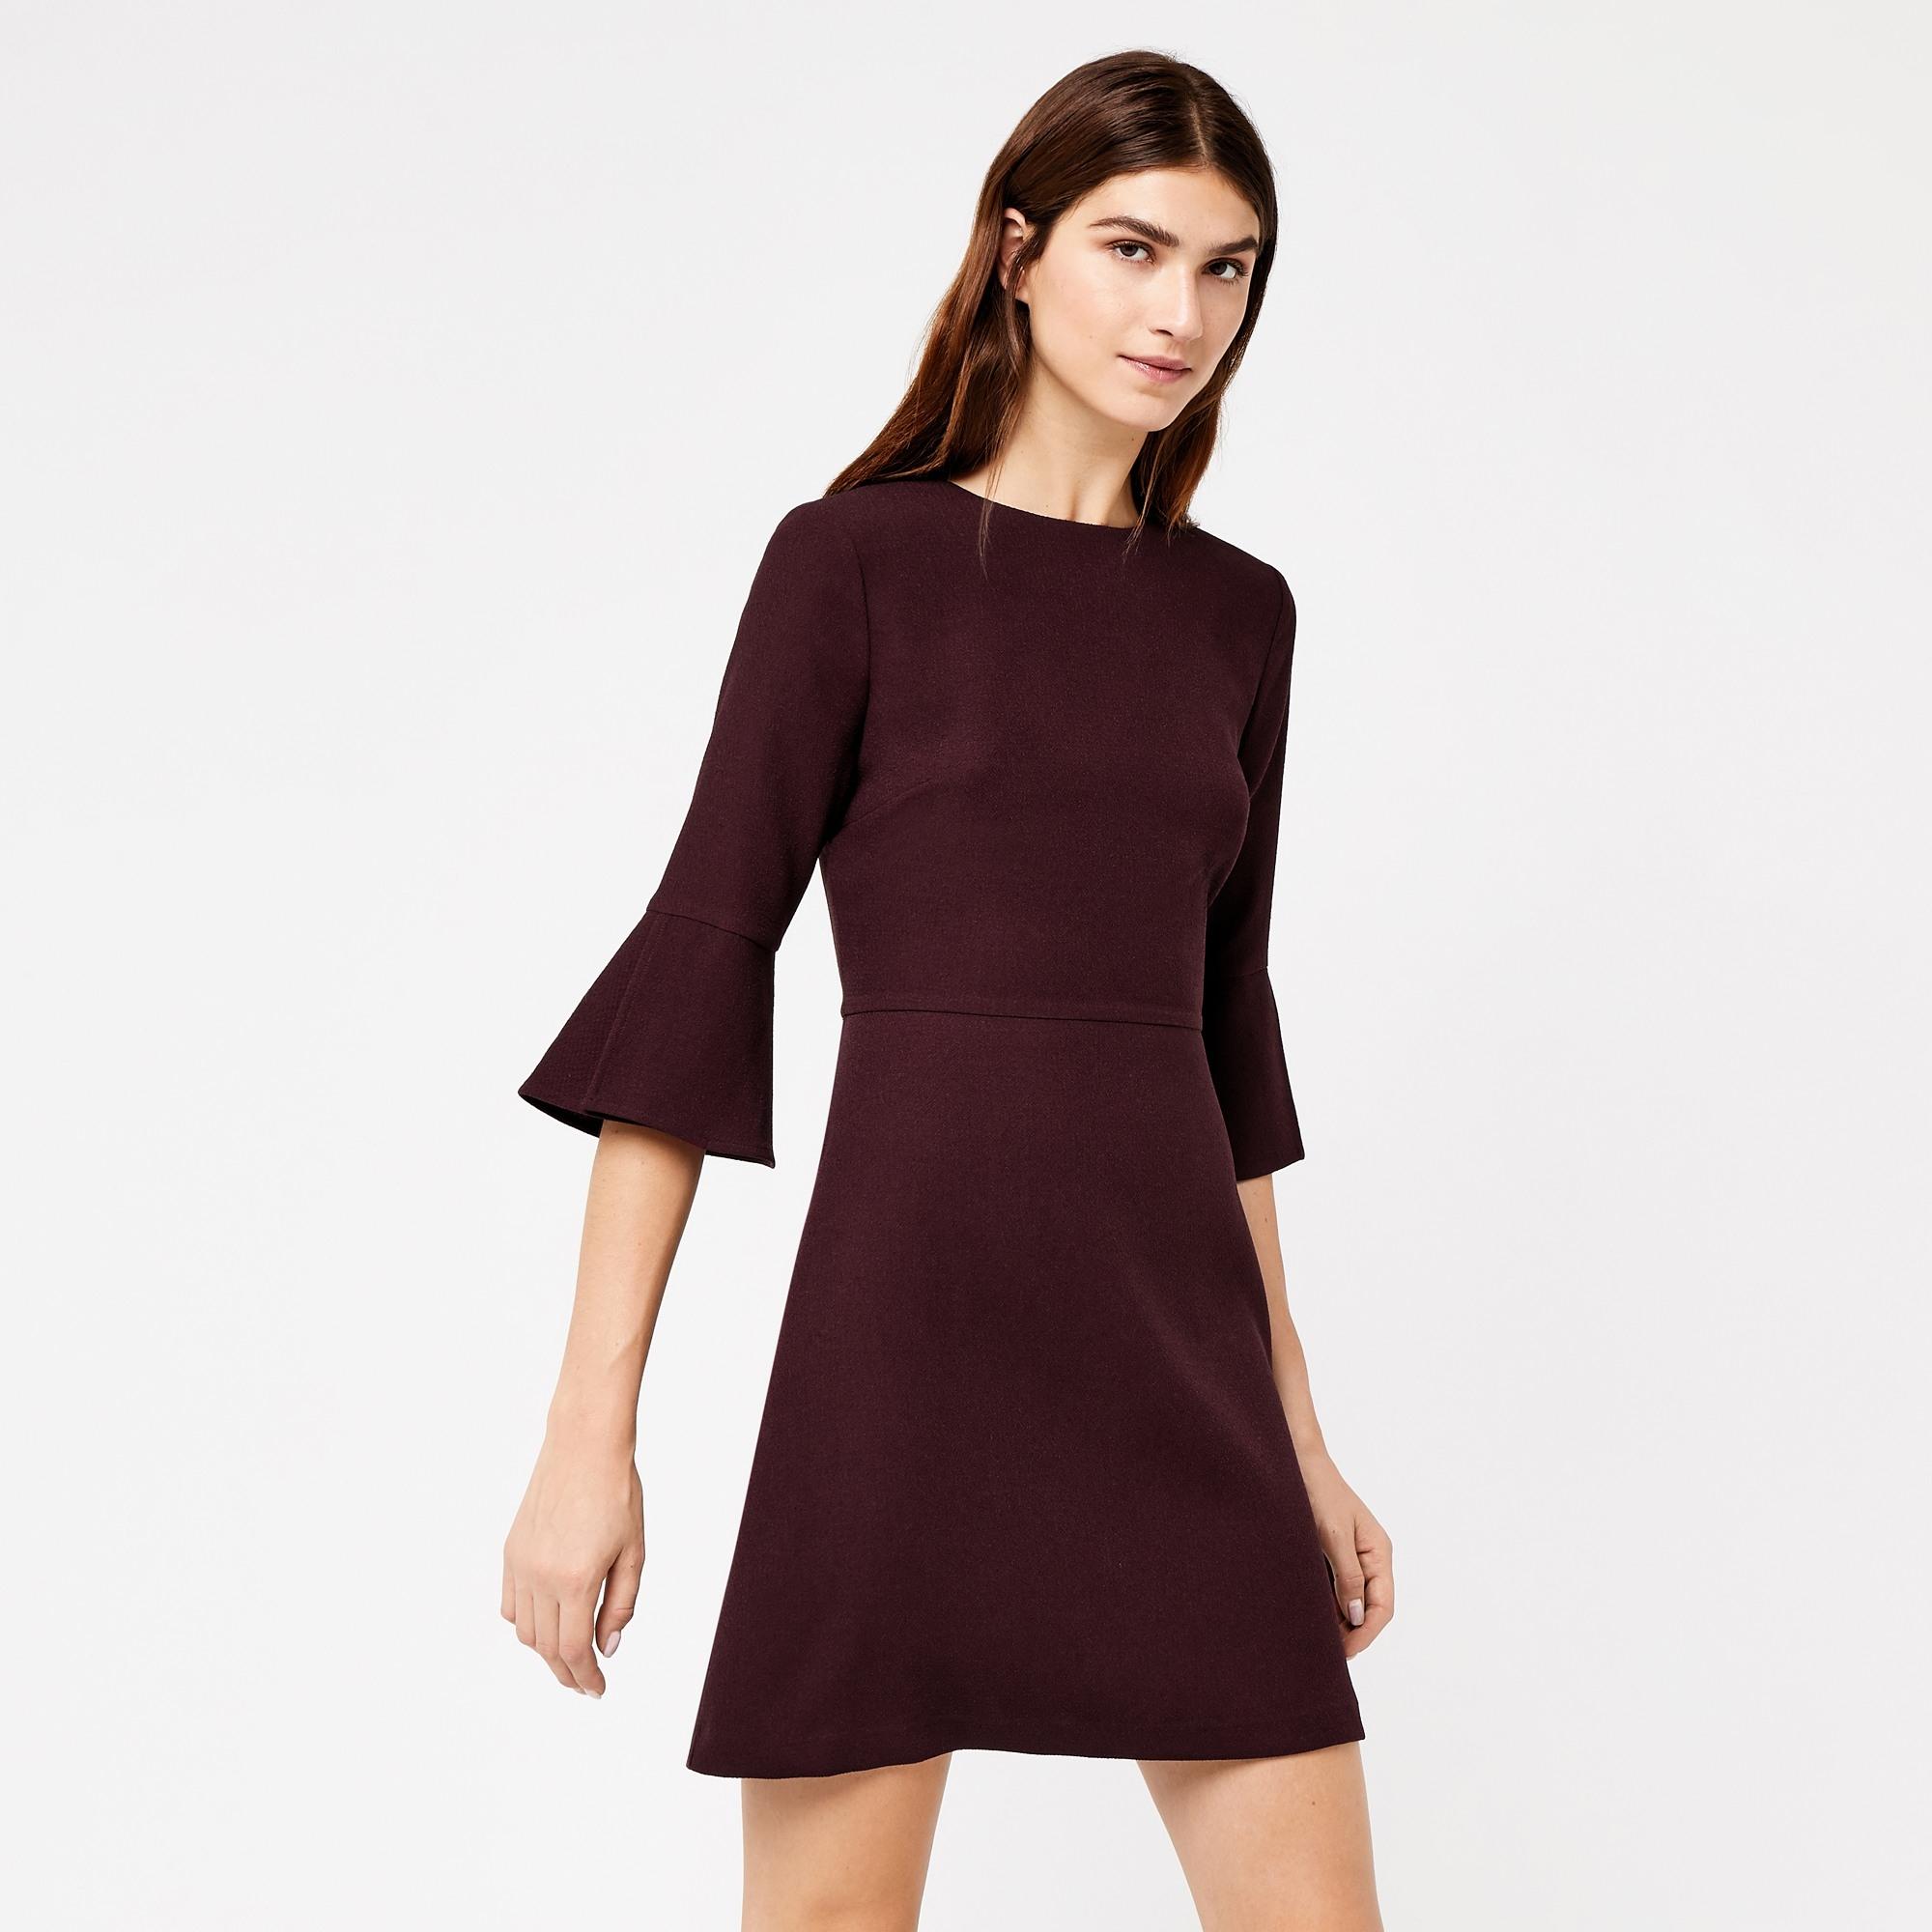 10 Einfach Kleid Mit DesignDesigner Cool Kleid Mit Galerie